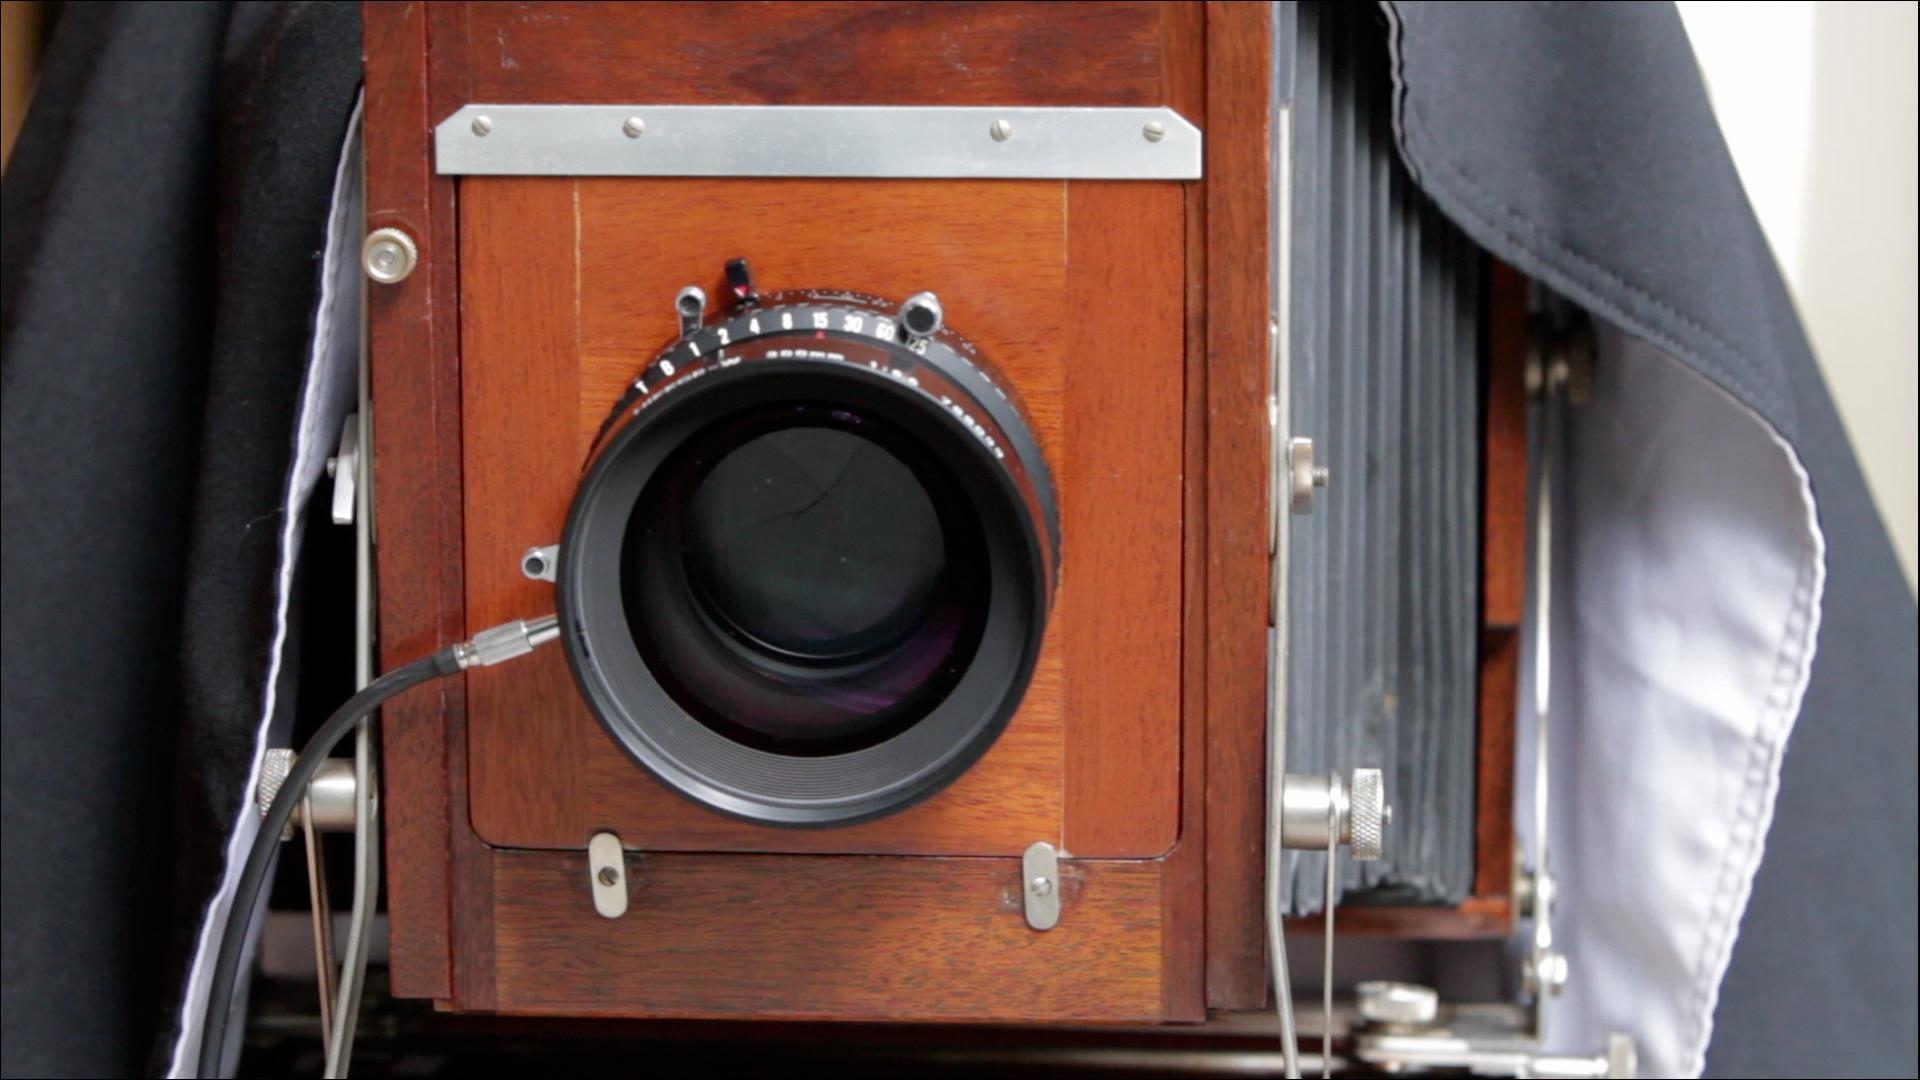 : Douglas Kirkland on Photography: Shooting with an 8x10 Camera